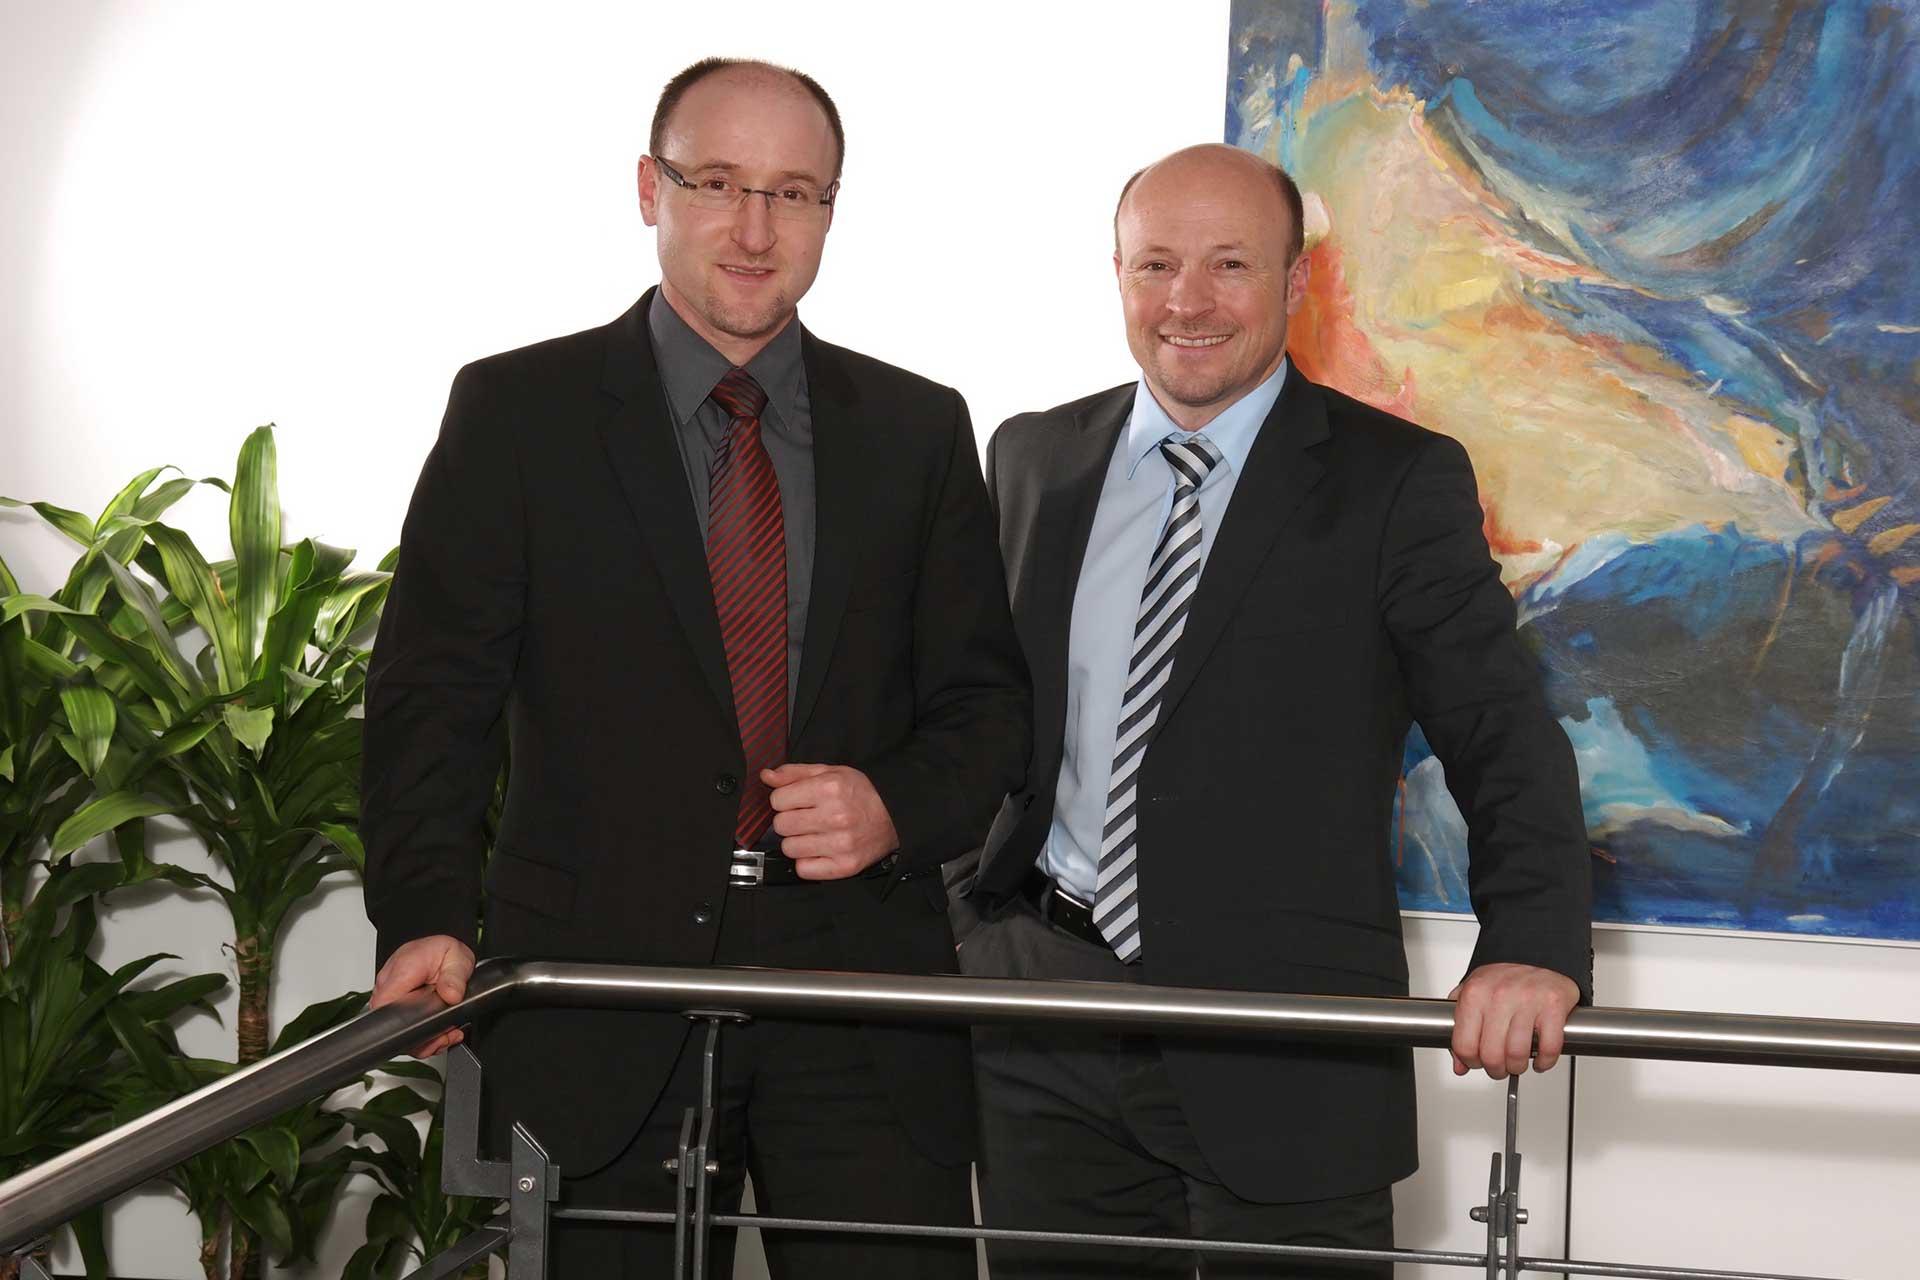 Einstieg der beiden Söhne Markus und Siegfried Wied junior